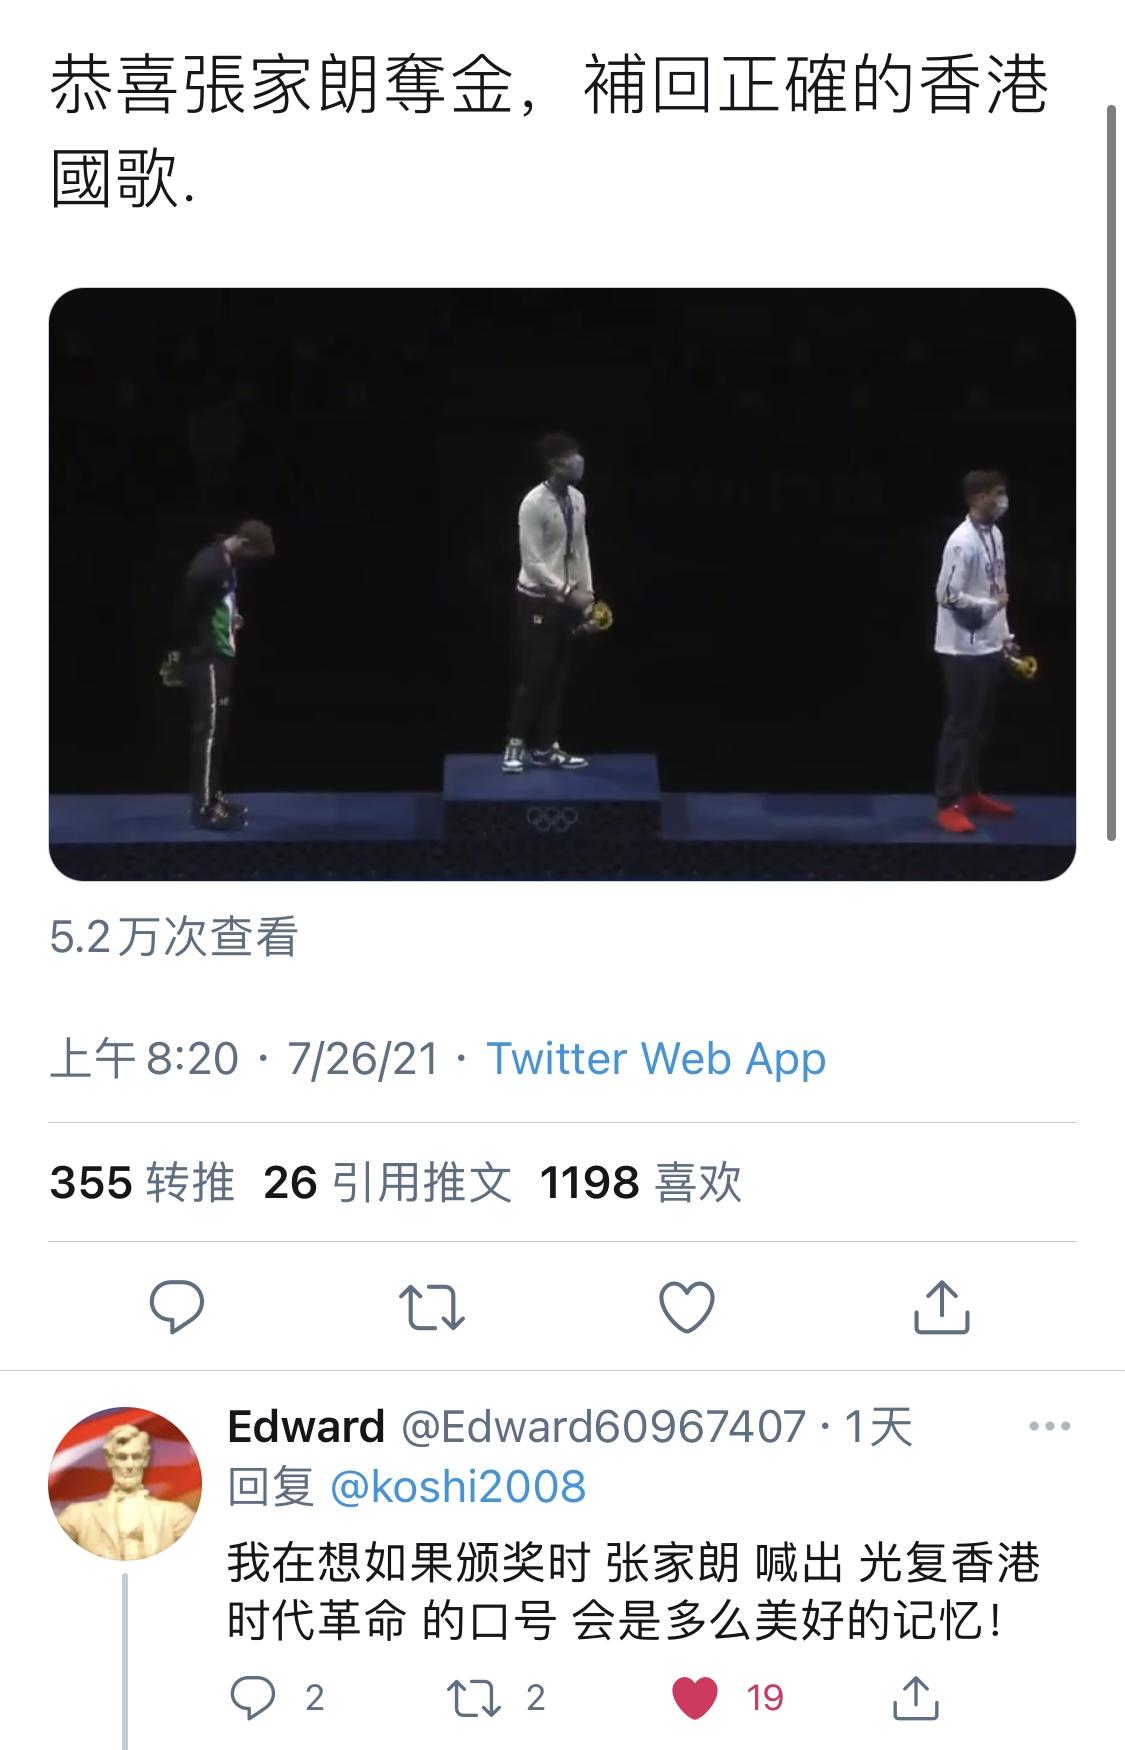 """网友""""koshi2008""""在推特上发布的视频,将张家朗夺冠现场的中国国歌声改成了进行曲版《愿荣光归香港》,获得5.2万次观看及网友热议。(来自推特)"""